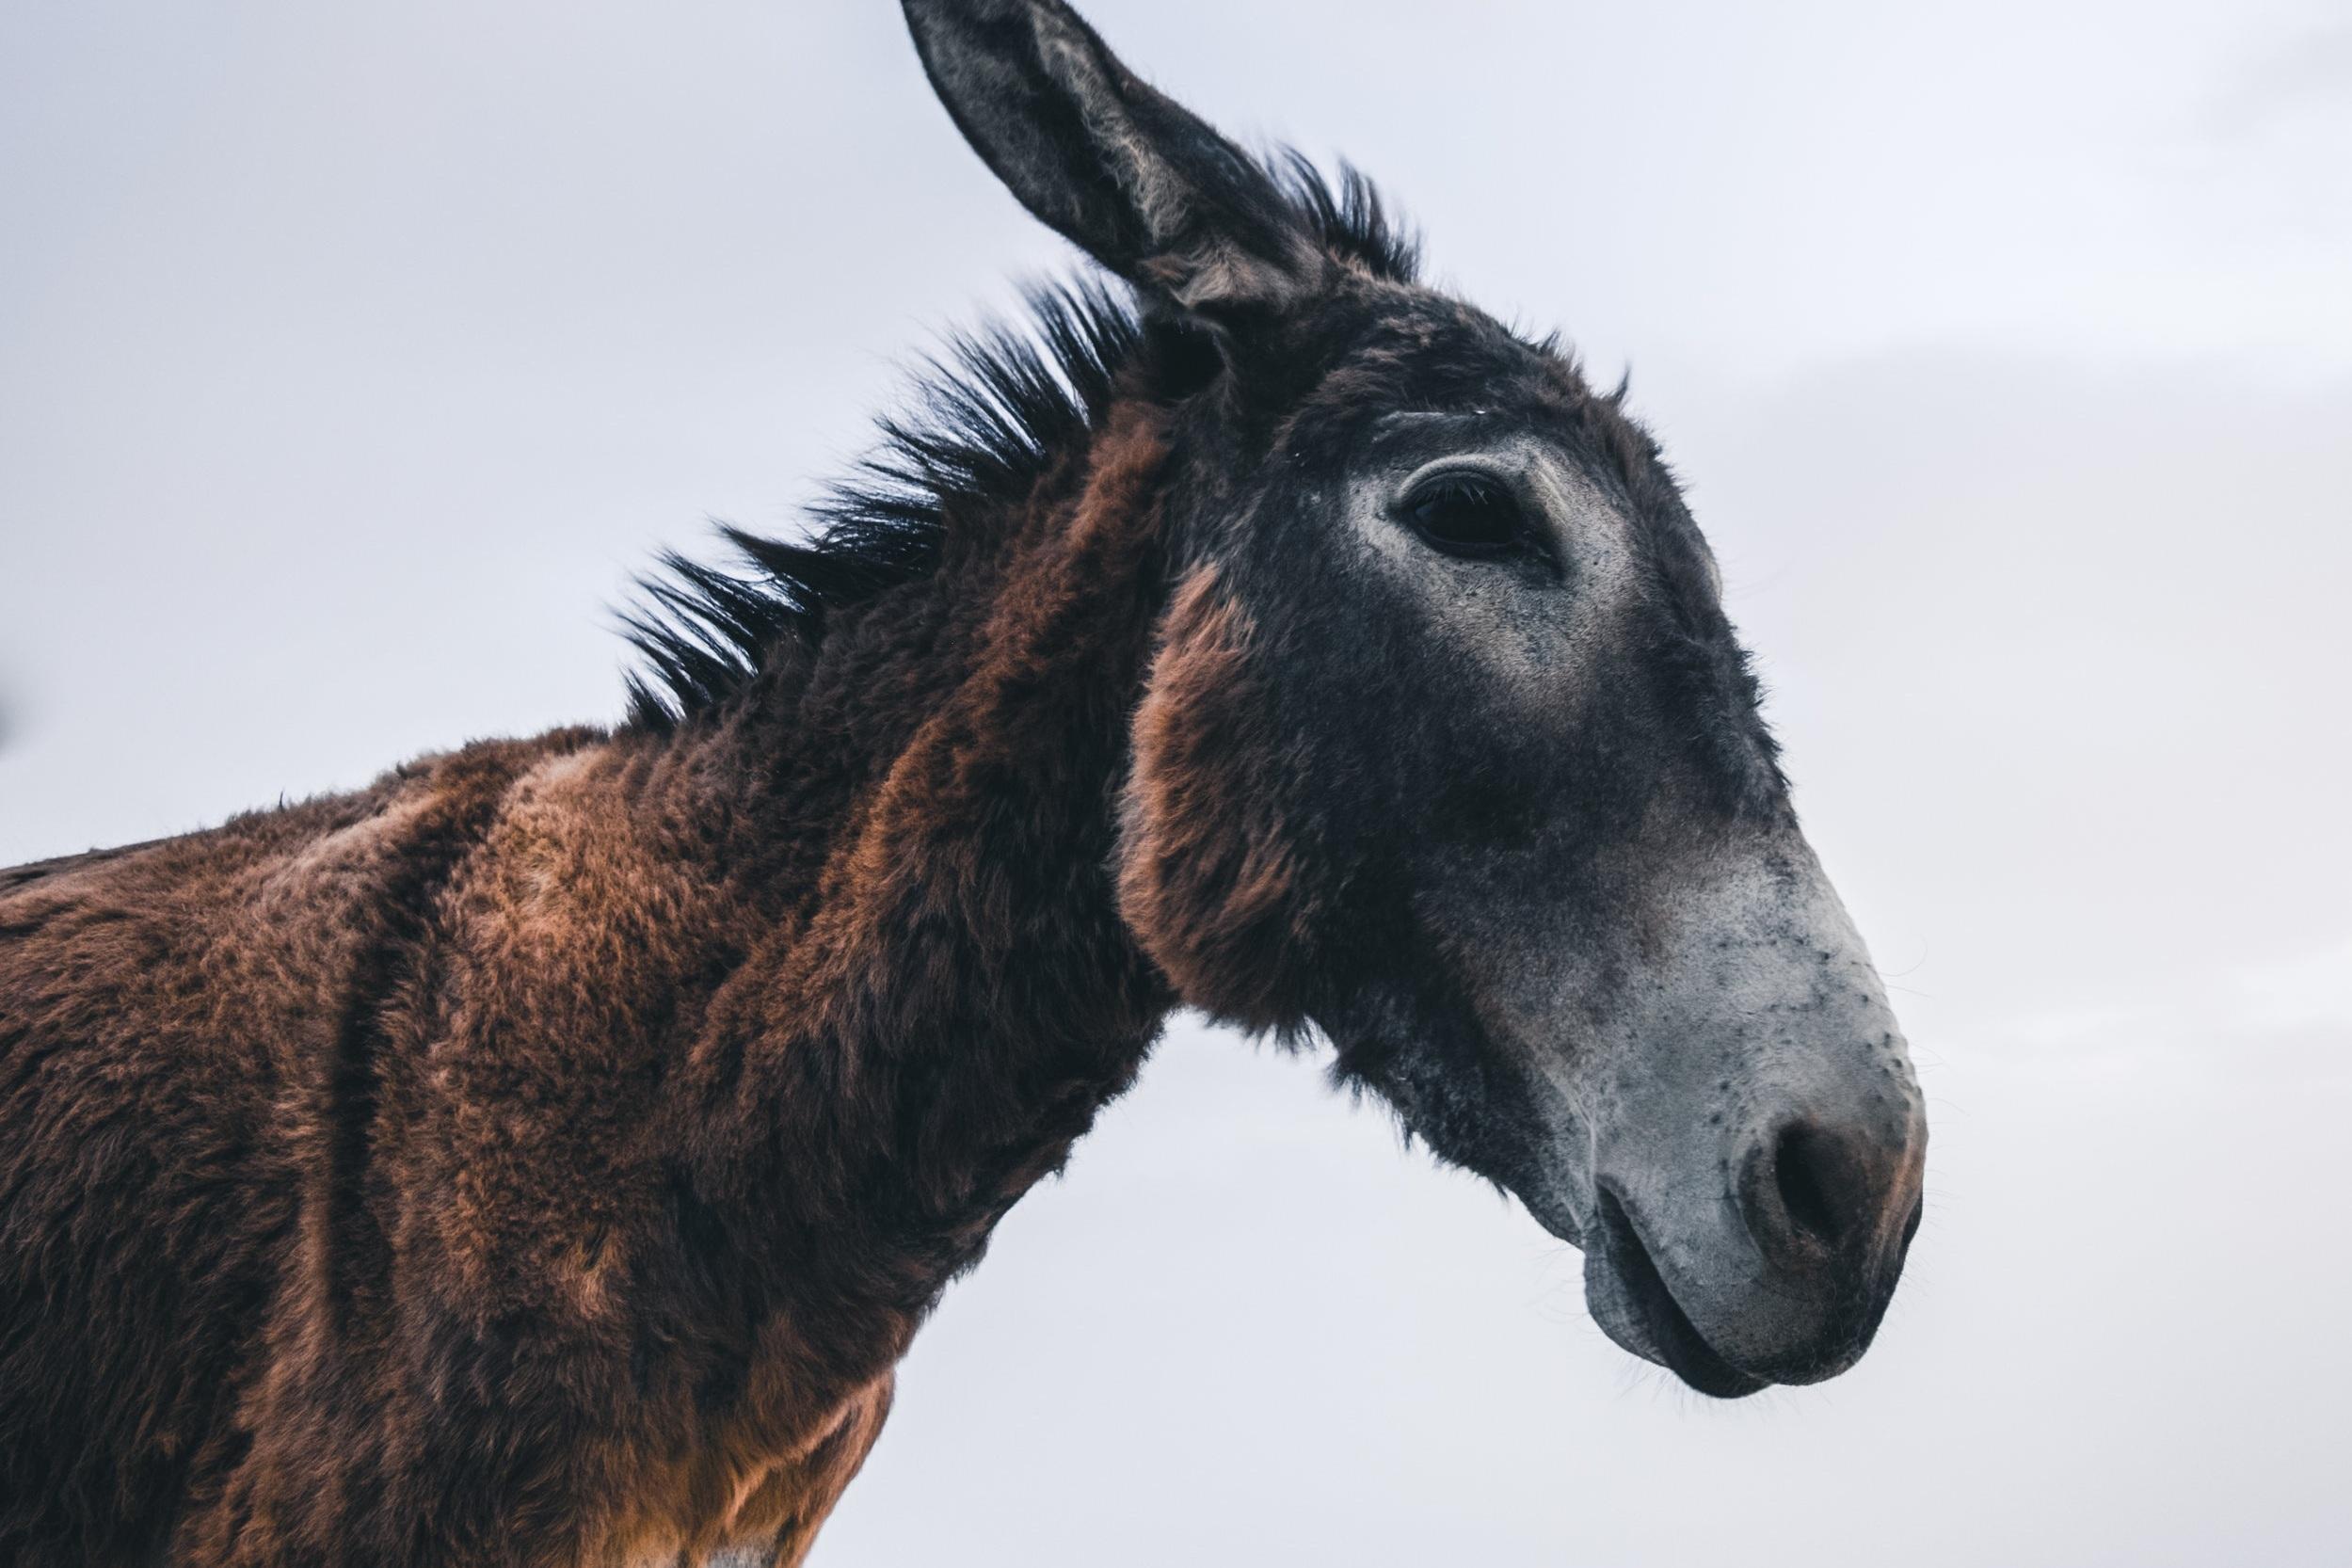 happy donkeys em Miranda - O Burro Mirandês está quase em extinção. Este projecto acompanha o trabalho da Associação AEPGA na preservação e aproveitamento desta raça autóctone de forma a salvar um património genético, ecológico e cultural único de Portugal. A AEPGA proporciona condições para a existência de burros felizes aumentando a sua qualidade de vida.